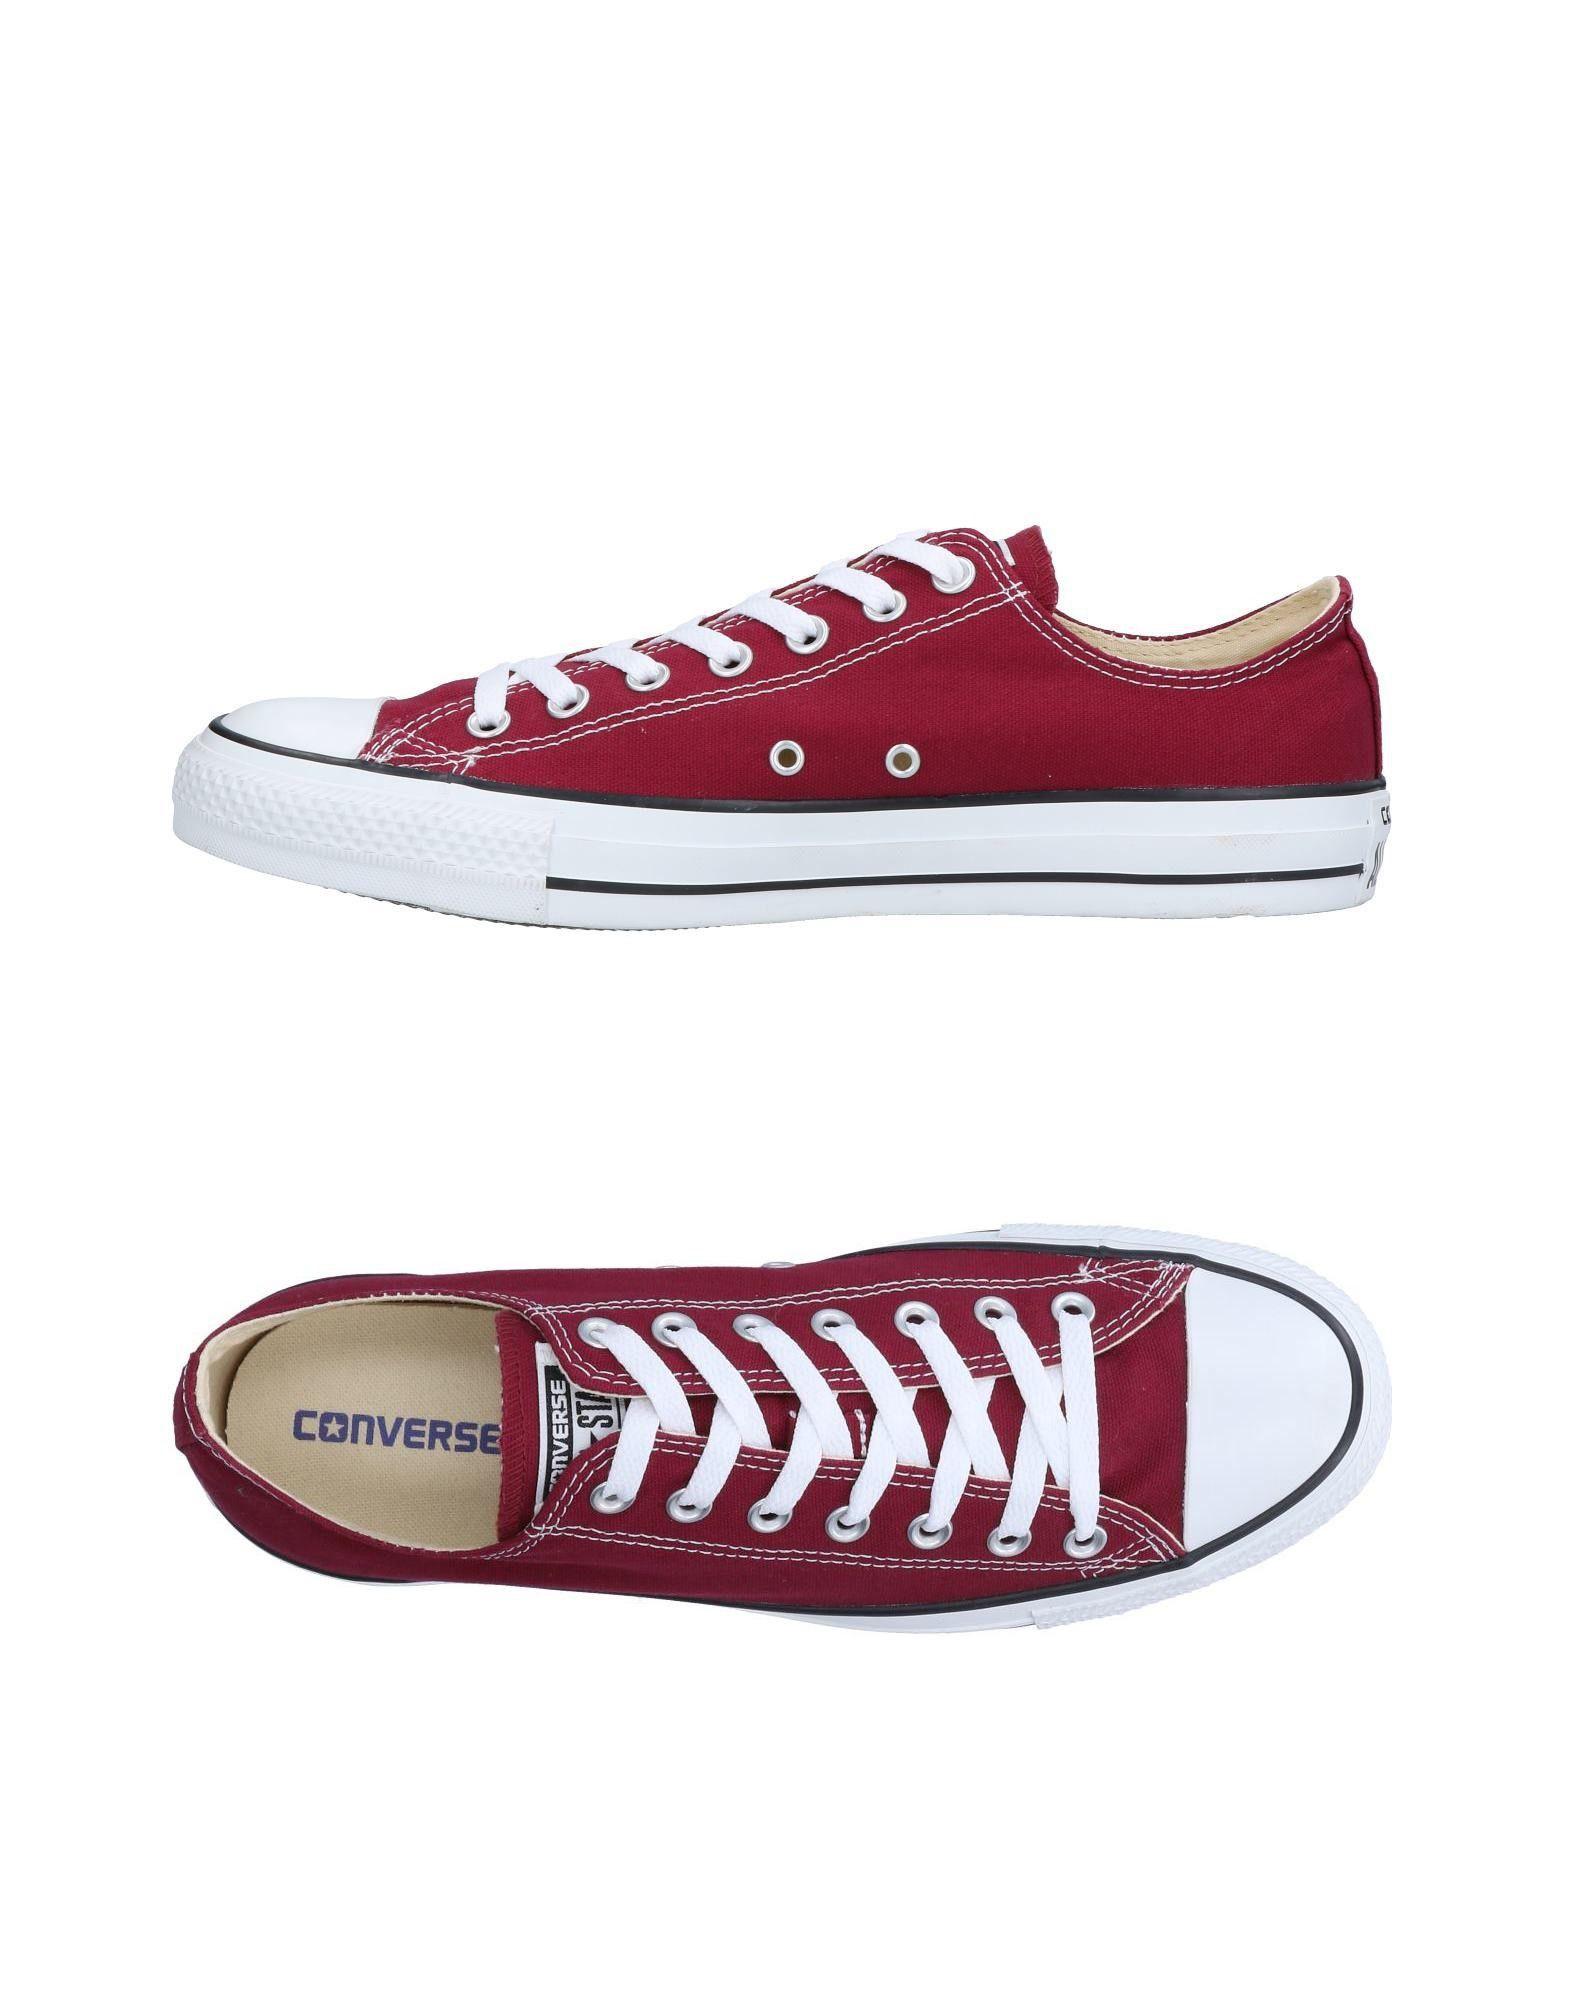 Sneakers Converse Uomo - 11506587DF 11506587DF 11506587DF f72e58